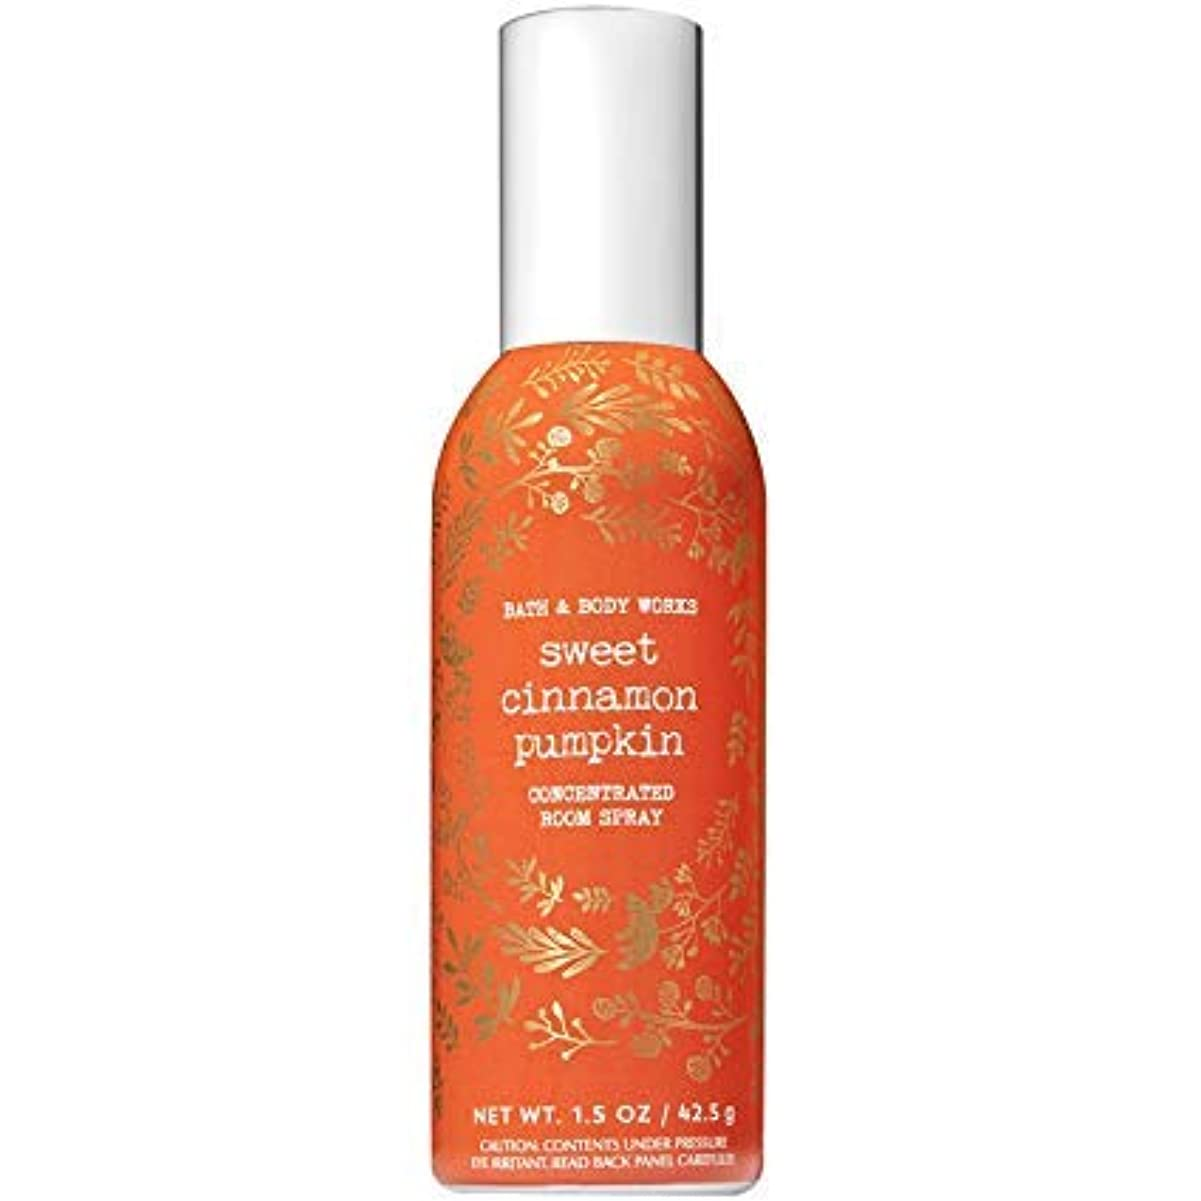 アロングはぁマーチャンダイジング【Bath&Body Works/バス&ボディワークス】 ルームスプレー スイートシナモンパンプキン 1.5 oz. Concentrated Room Spray/Room Perfume Sweet Cinnamon Pumpkin [並行輸入品]